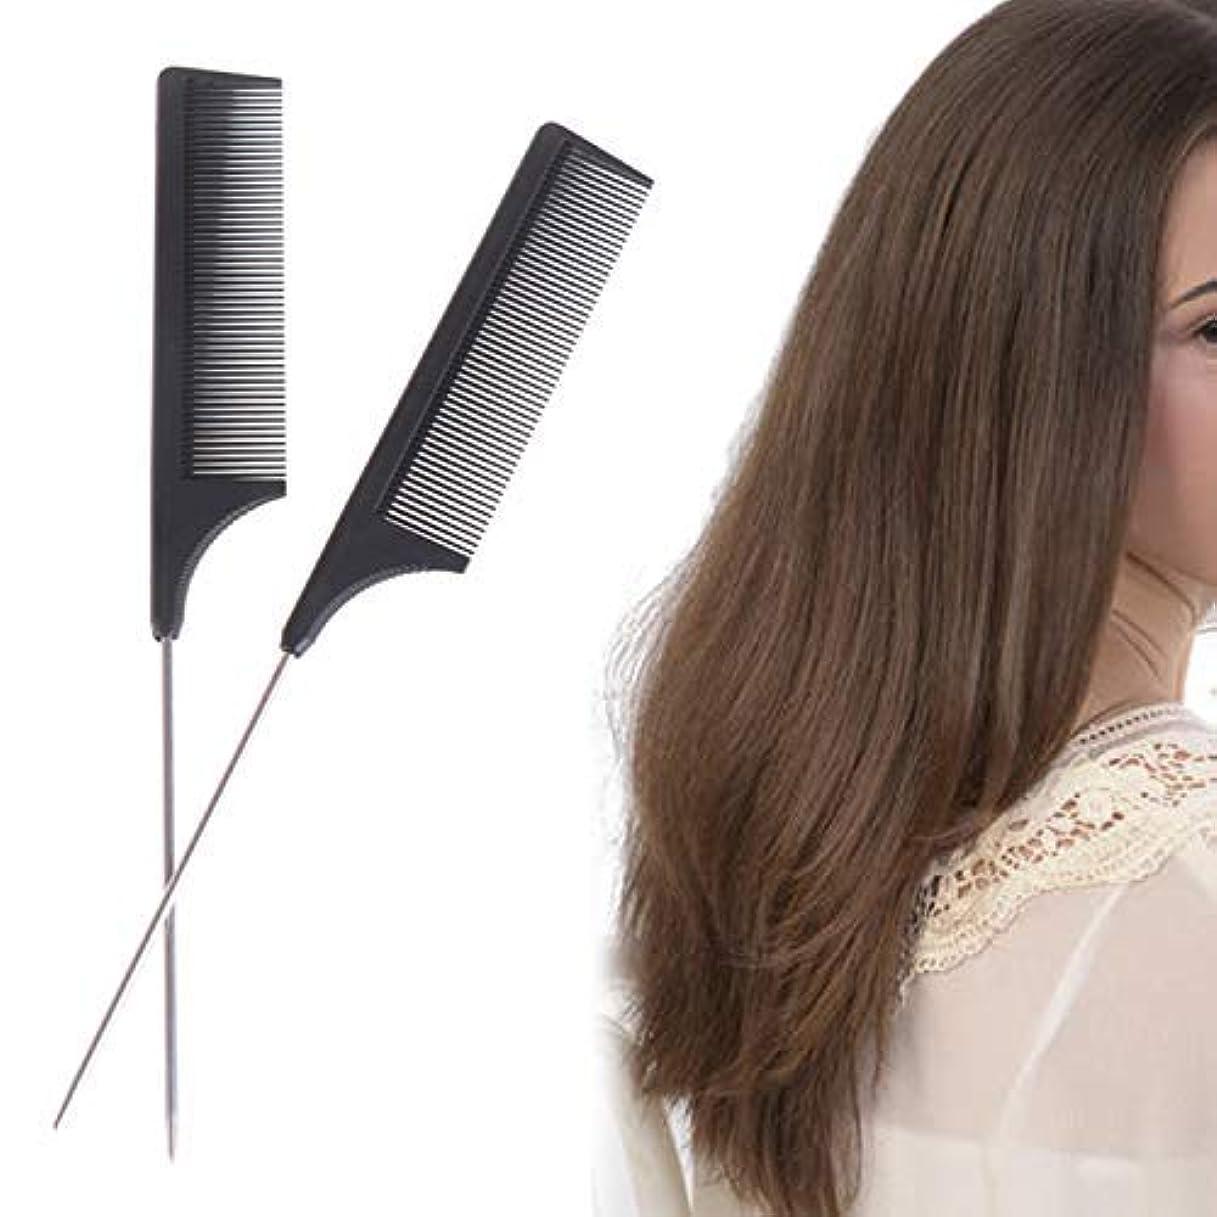 扇動する強調ビスケット2 Pieces Comb Black Tail Styling Comb Chemical Heat Resistant Teasing Comb Carbon Fiber Hair Styling Combs for...